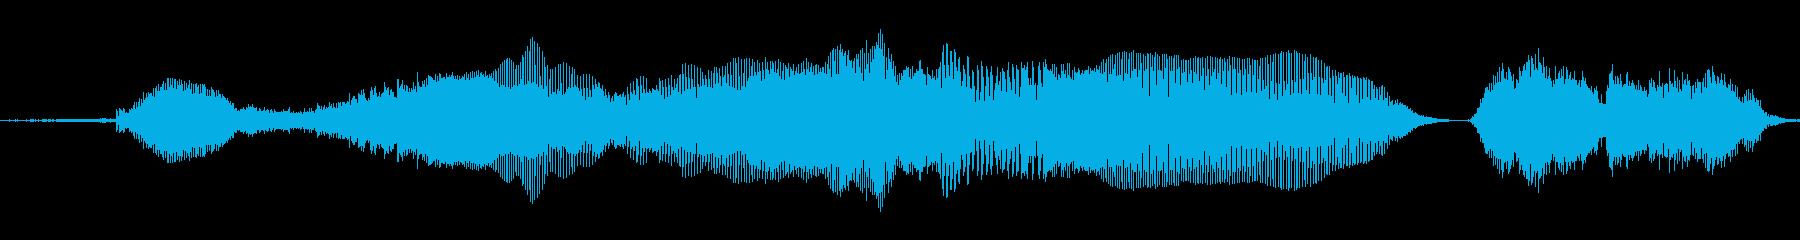 「だめぇ!」の再生済みの波形